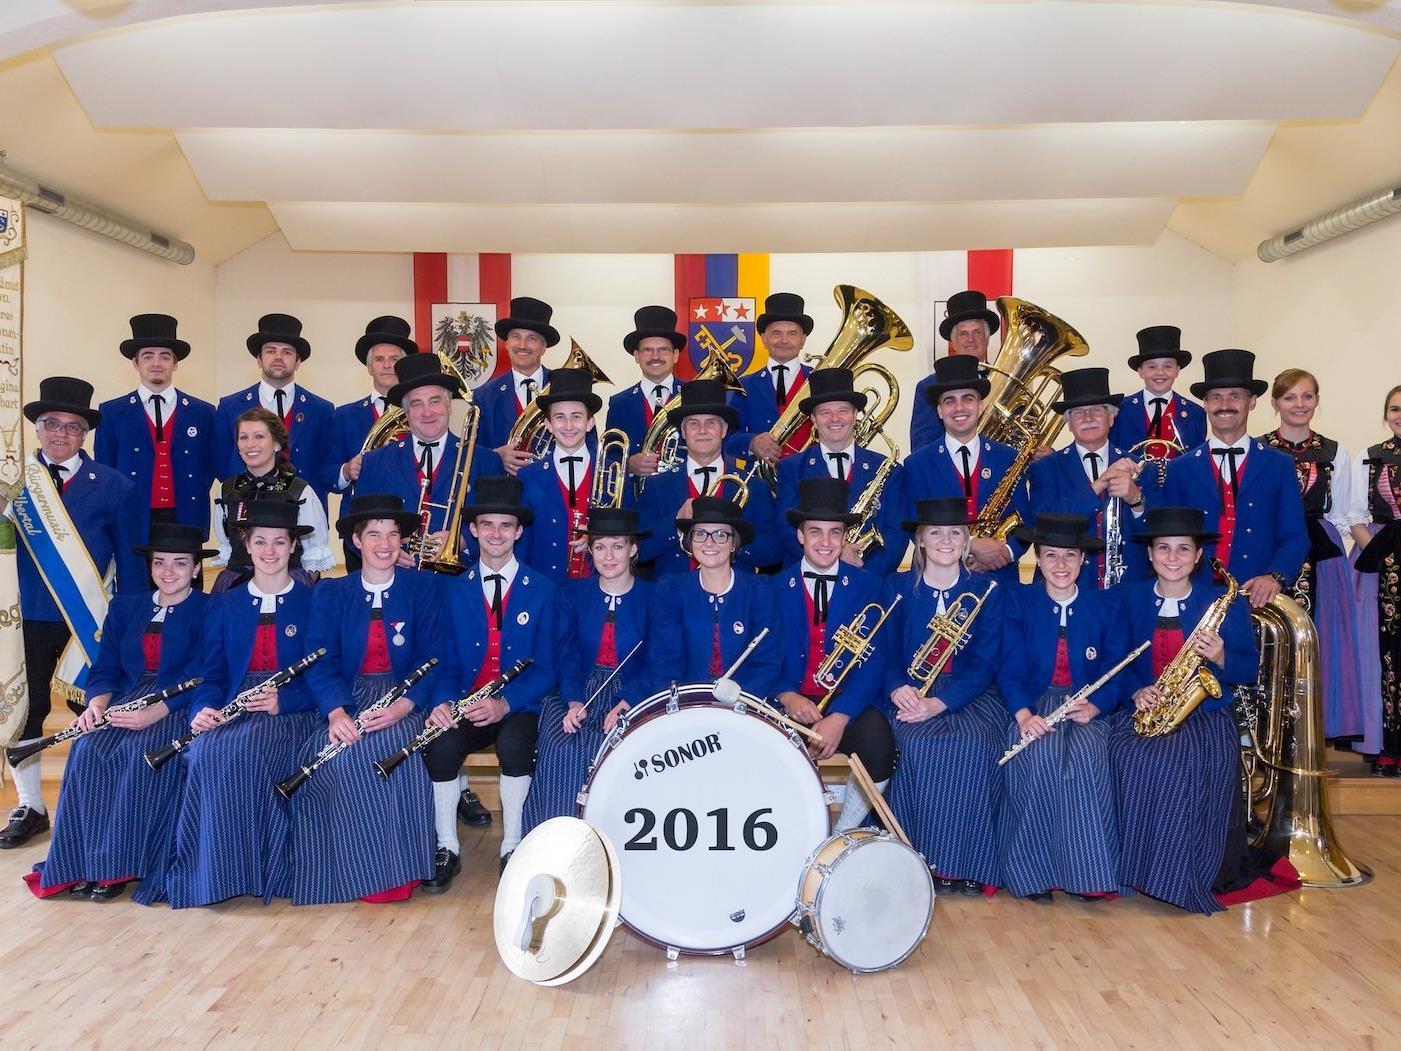 Die Musikantinnen und Musikanten der Bürgermusik freuen sich auf Ihr Kommen!